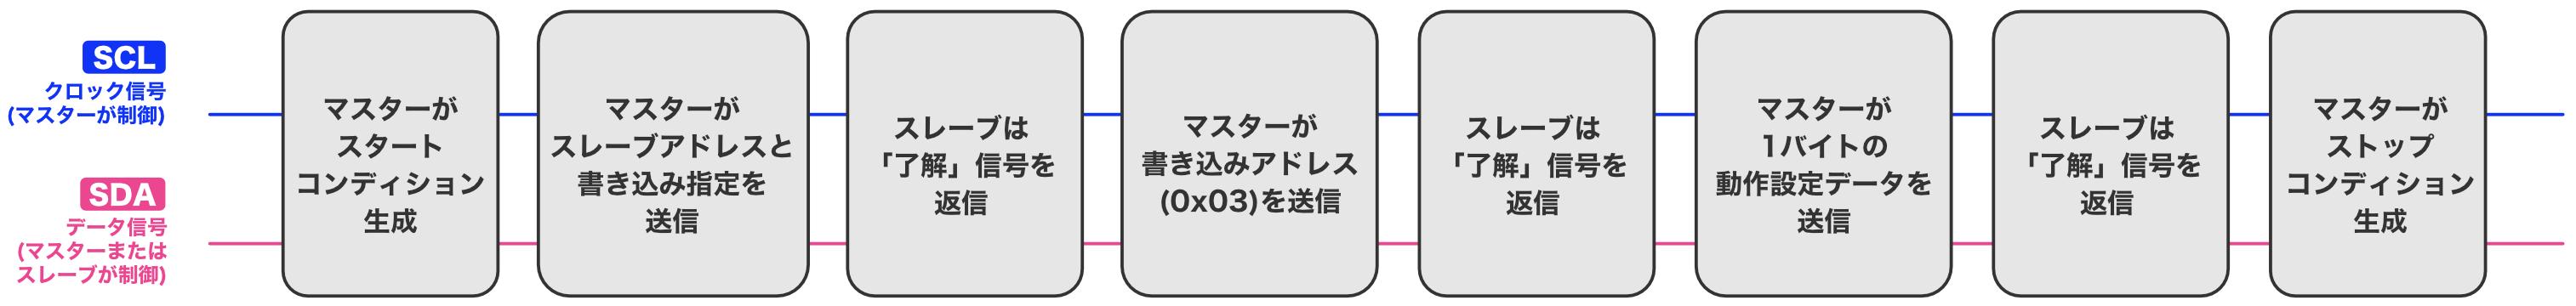 Pic practice 48 i2c configuration